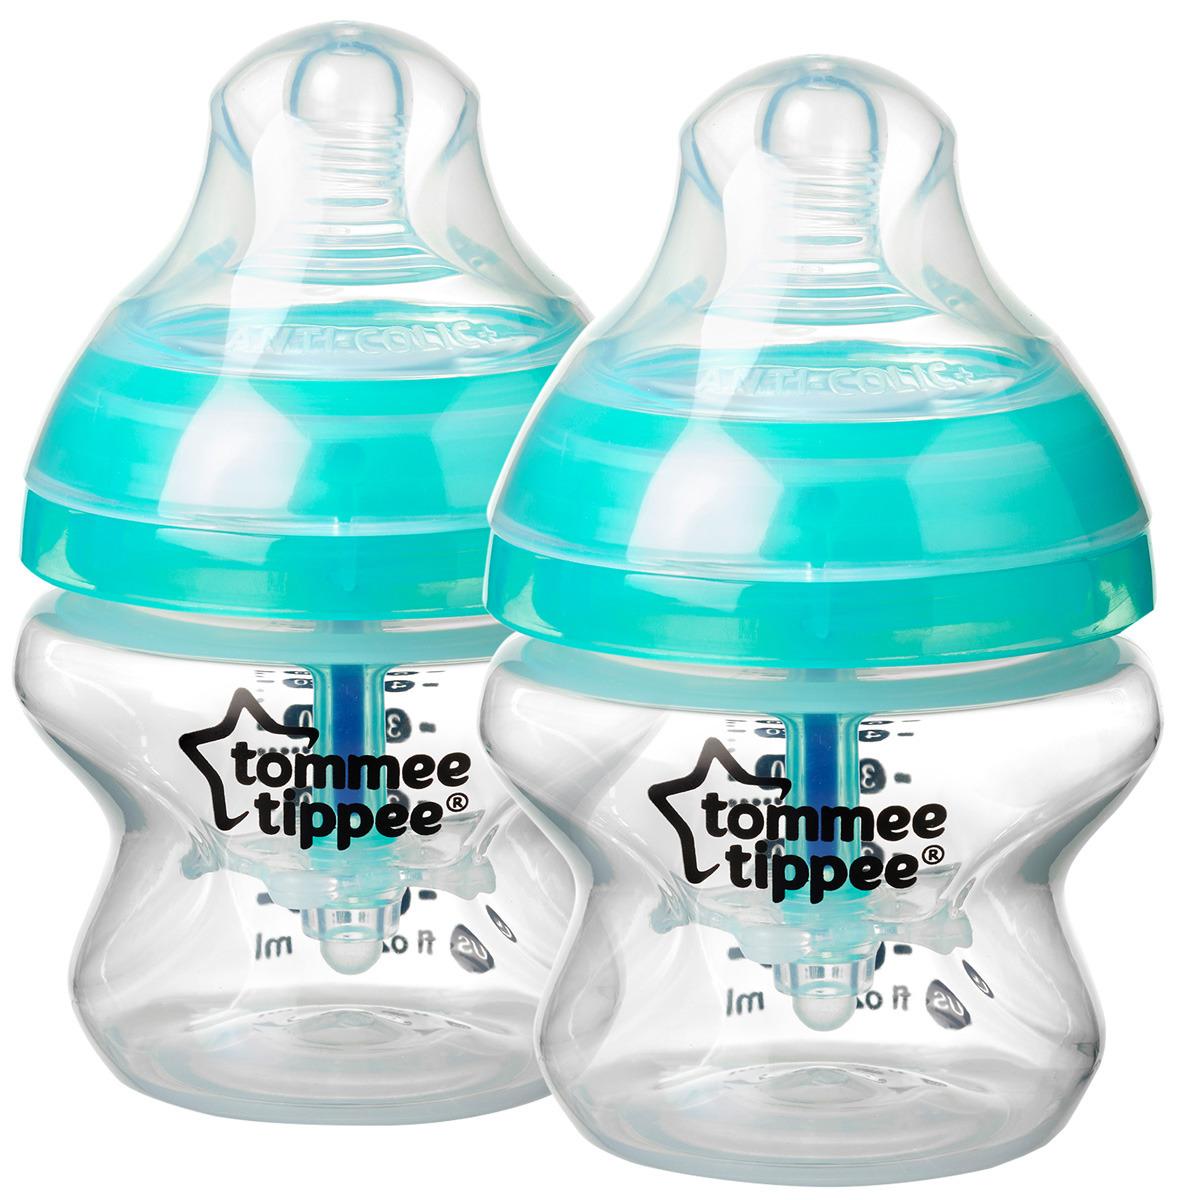 Бутылочка для кормления антиколиковая Tommee Tippee с индикатором температуры 150 мл, 2 шт фото